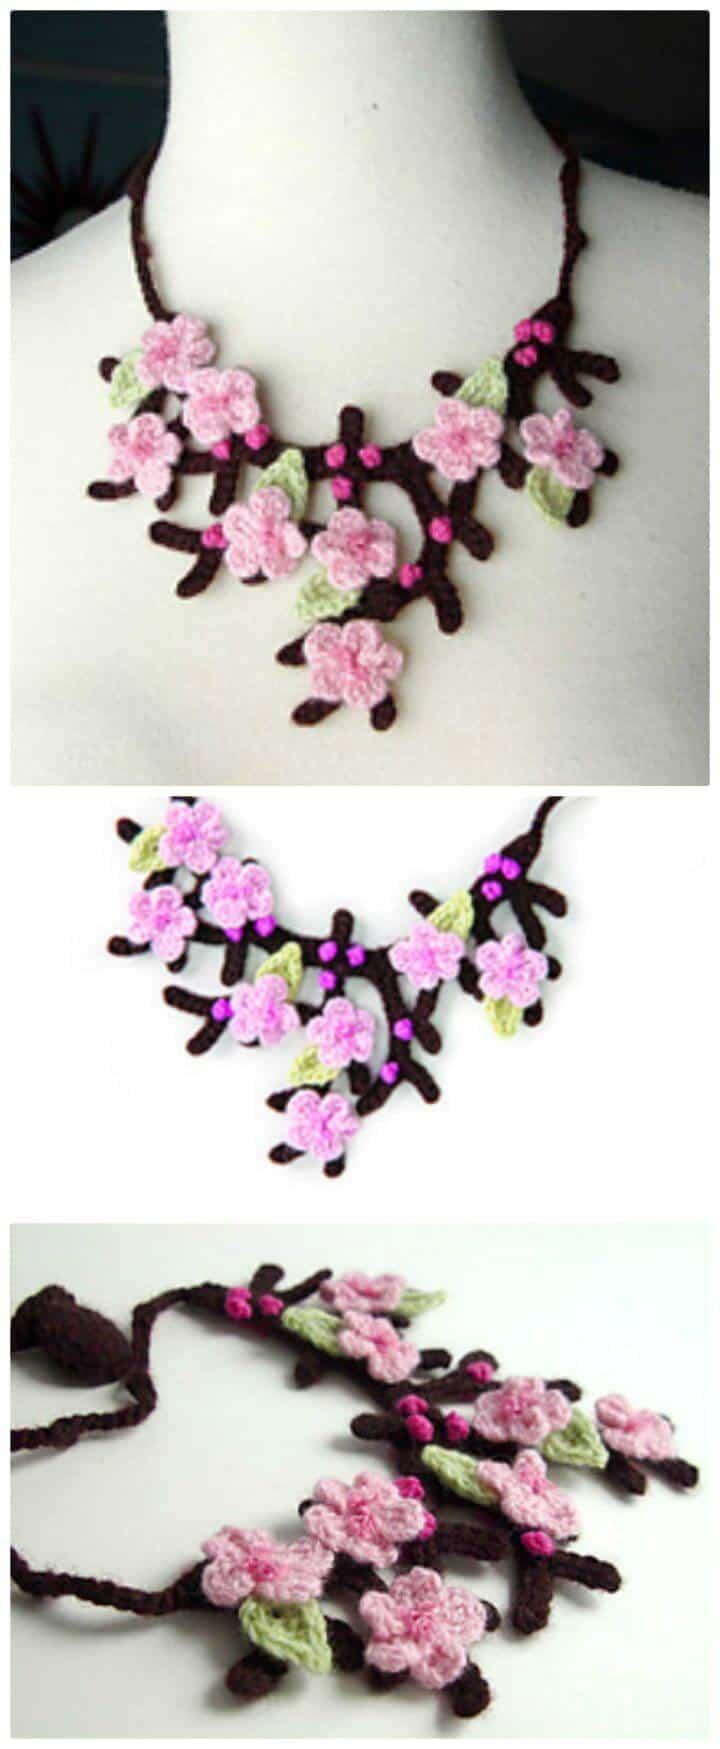 Cómo tejer un collar de flores de cerezo en crochet - Patrón gratuito con tutorial